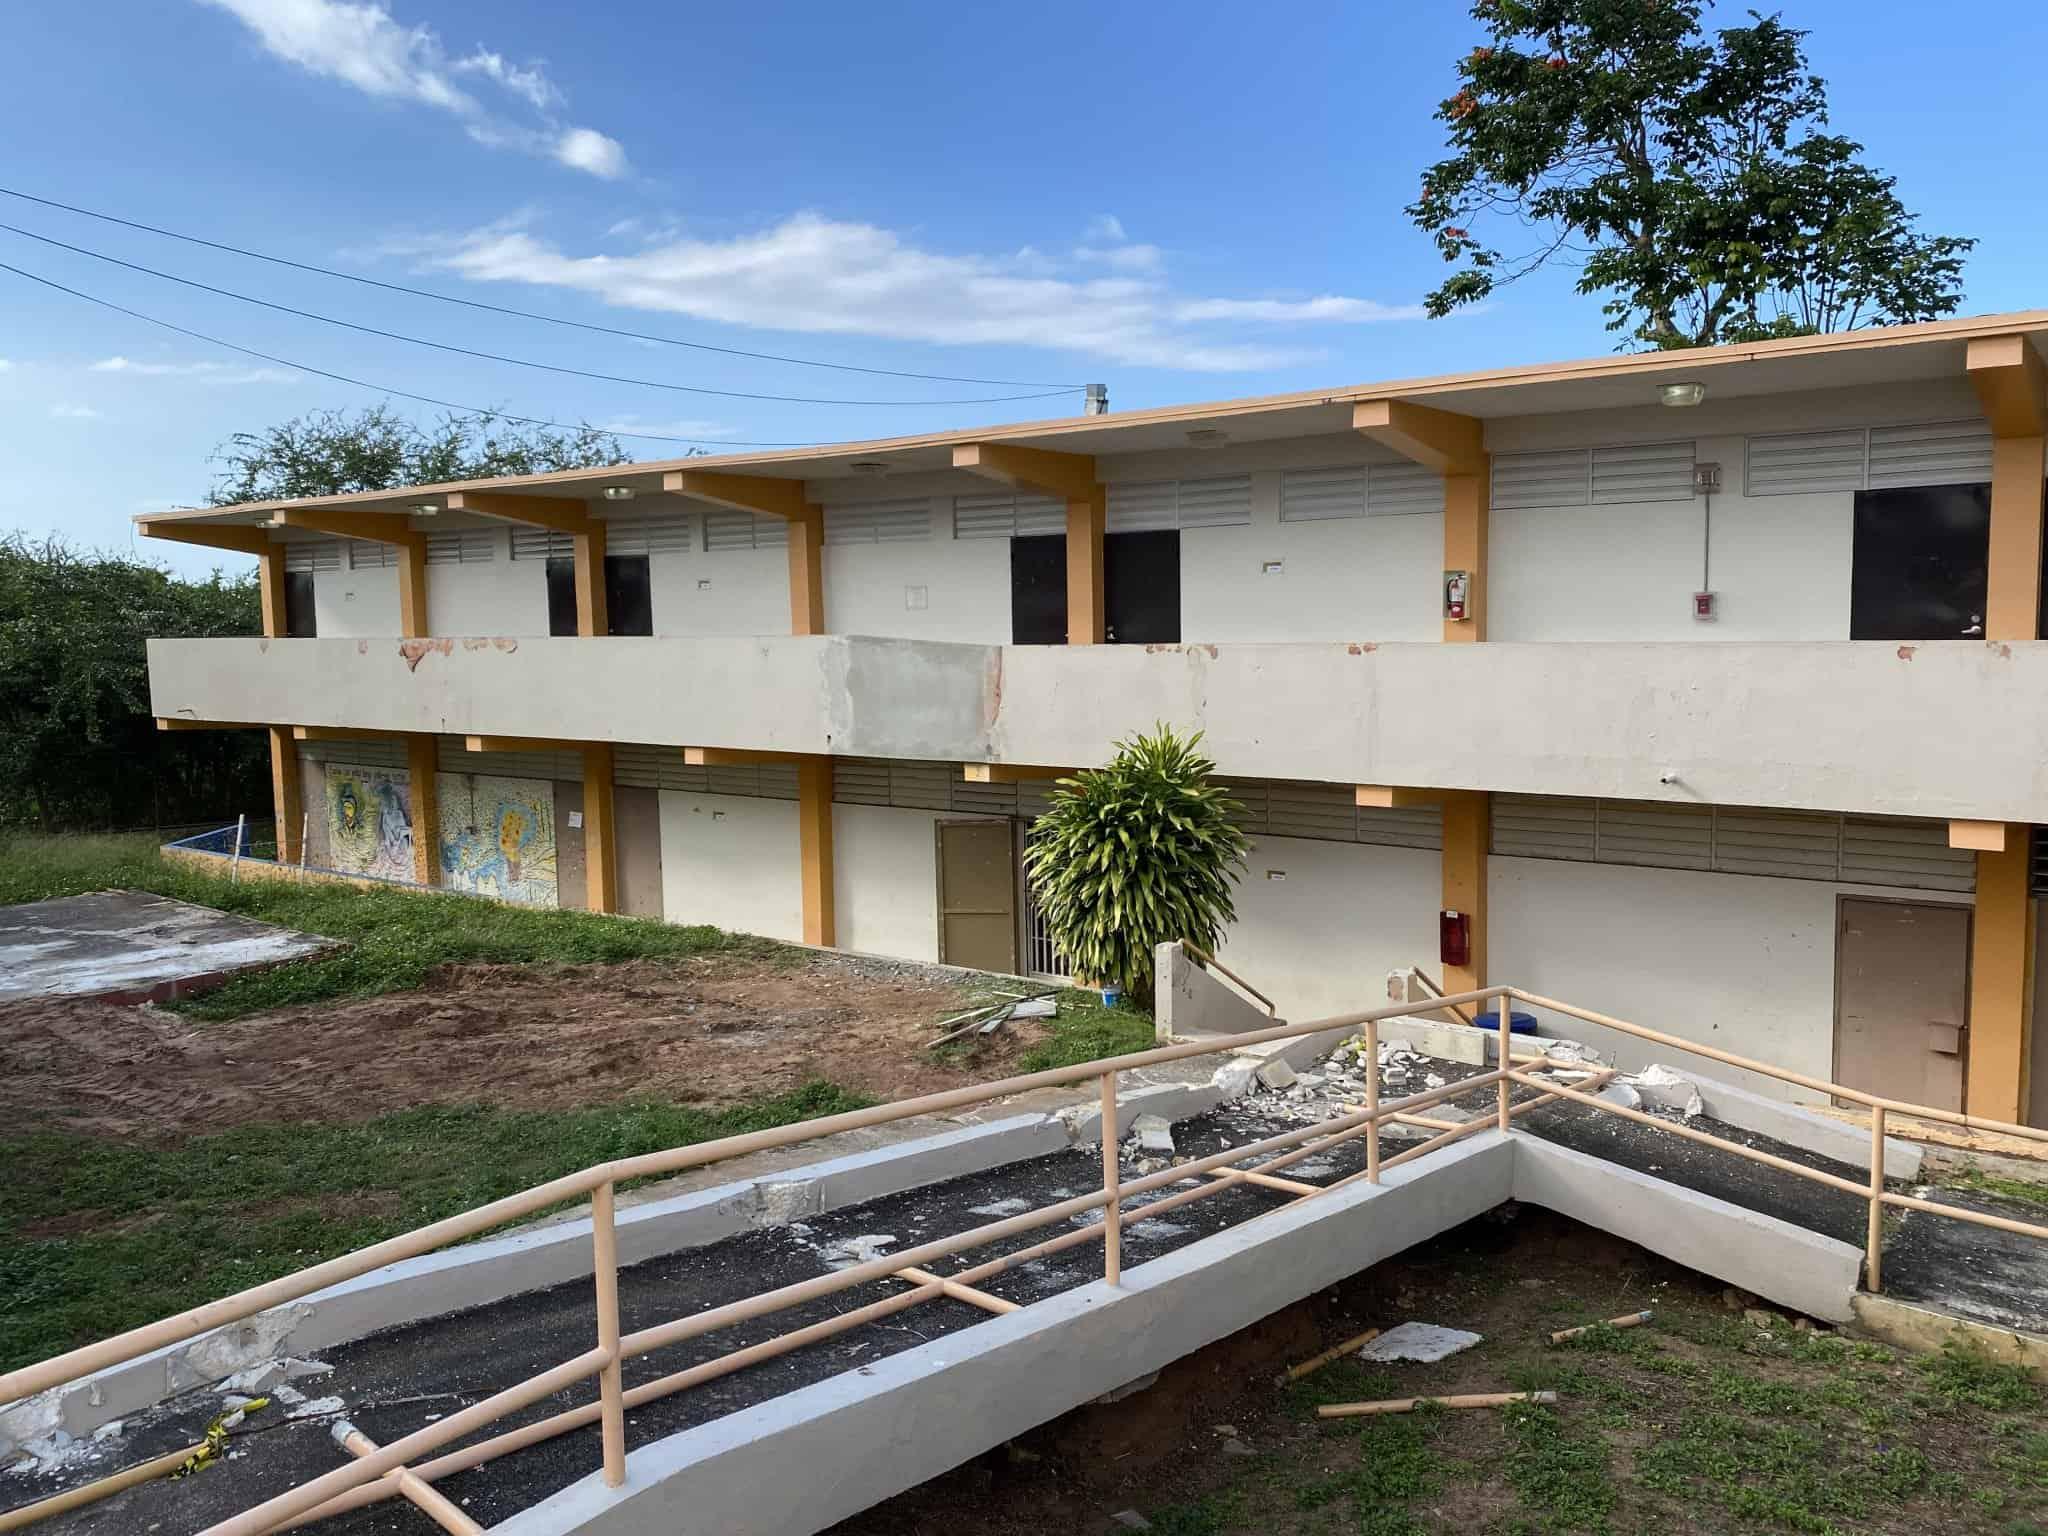 Exigen que se publique informe estructural completo sobre la UPR en Arecibo